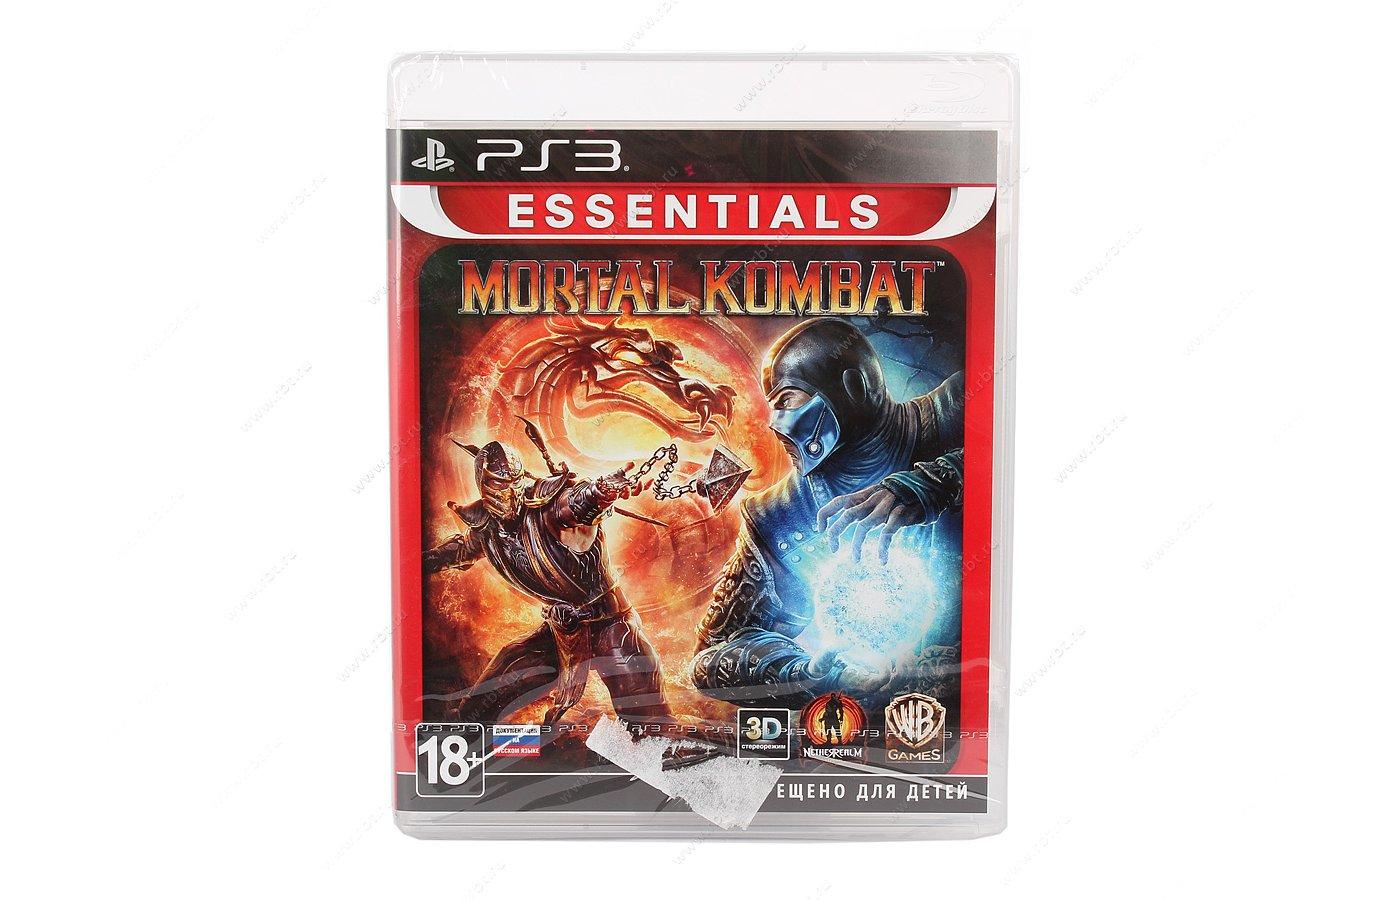 Mortal Kombat (Essentials) (с поддержкой 3D) PS3 русская документация